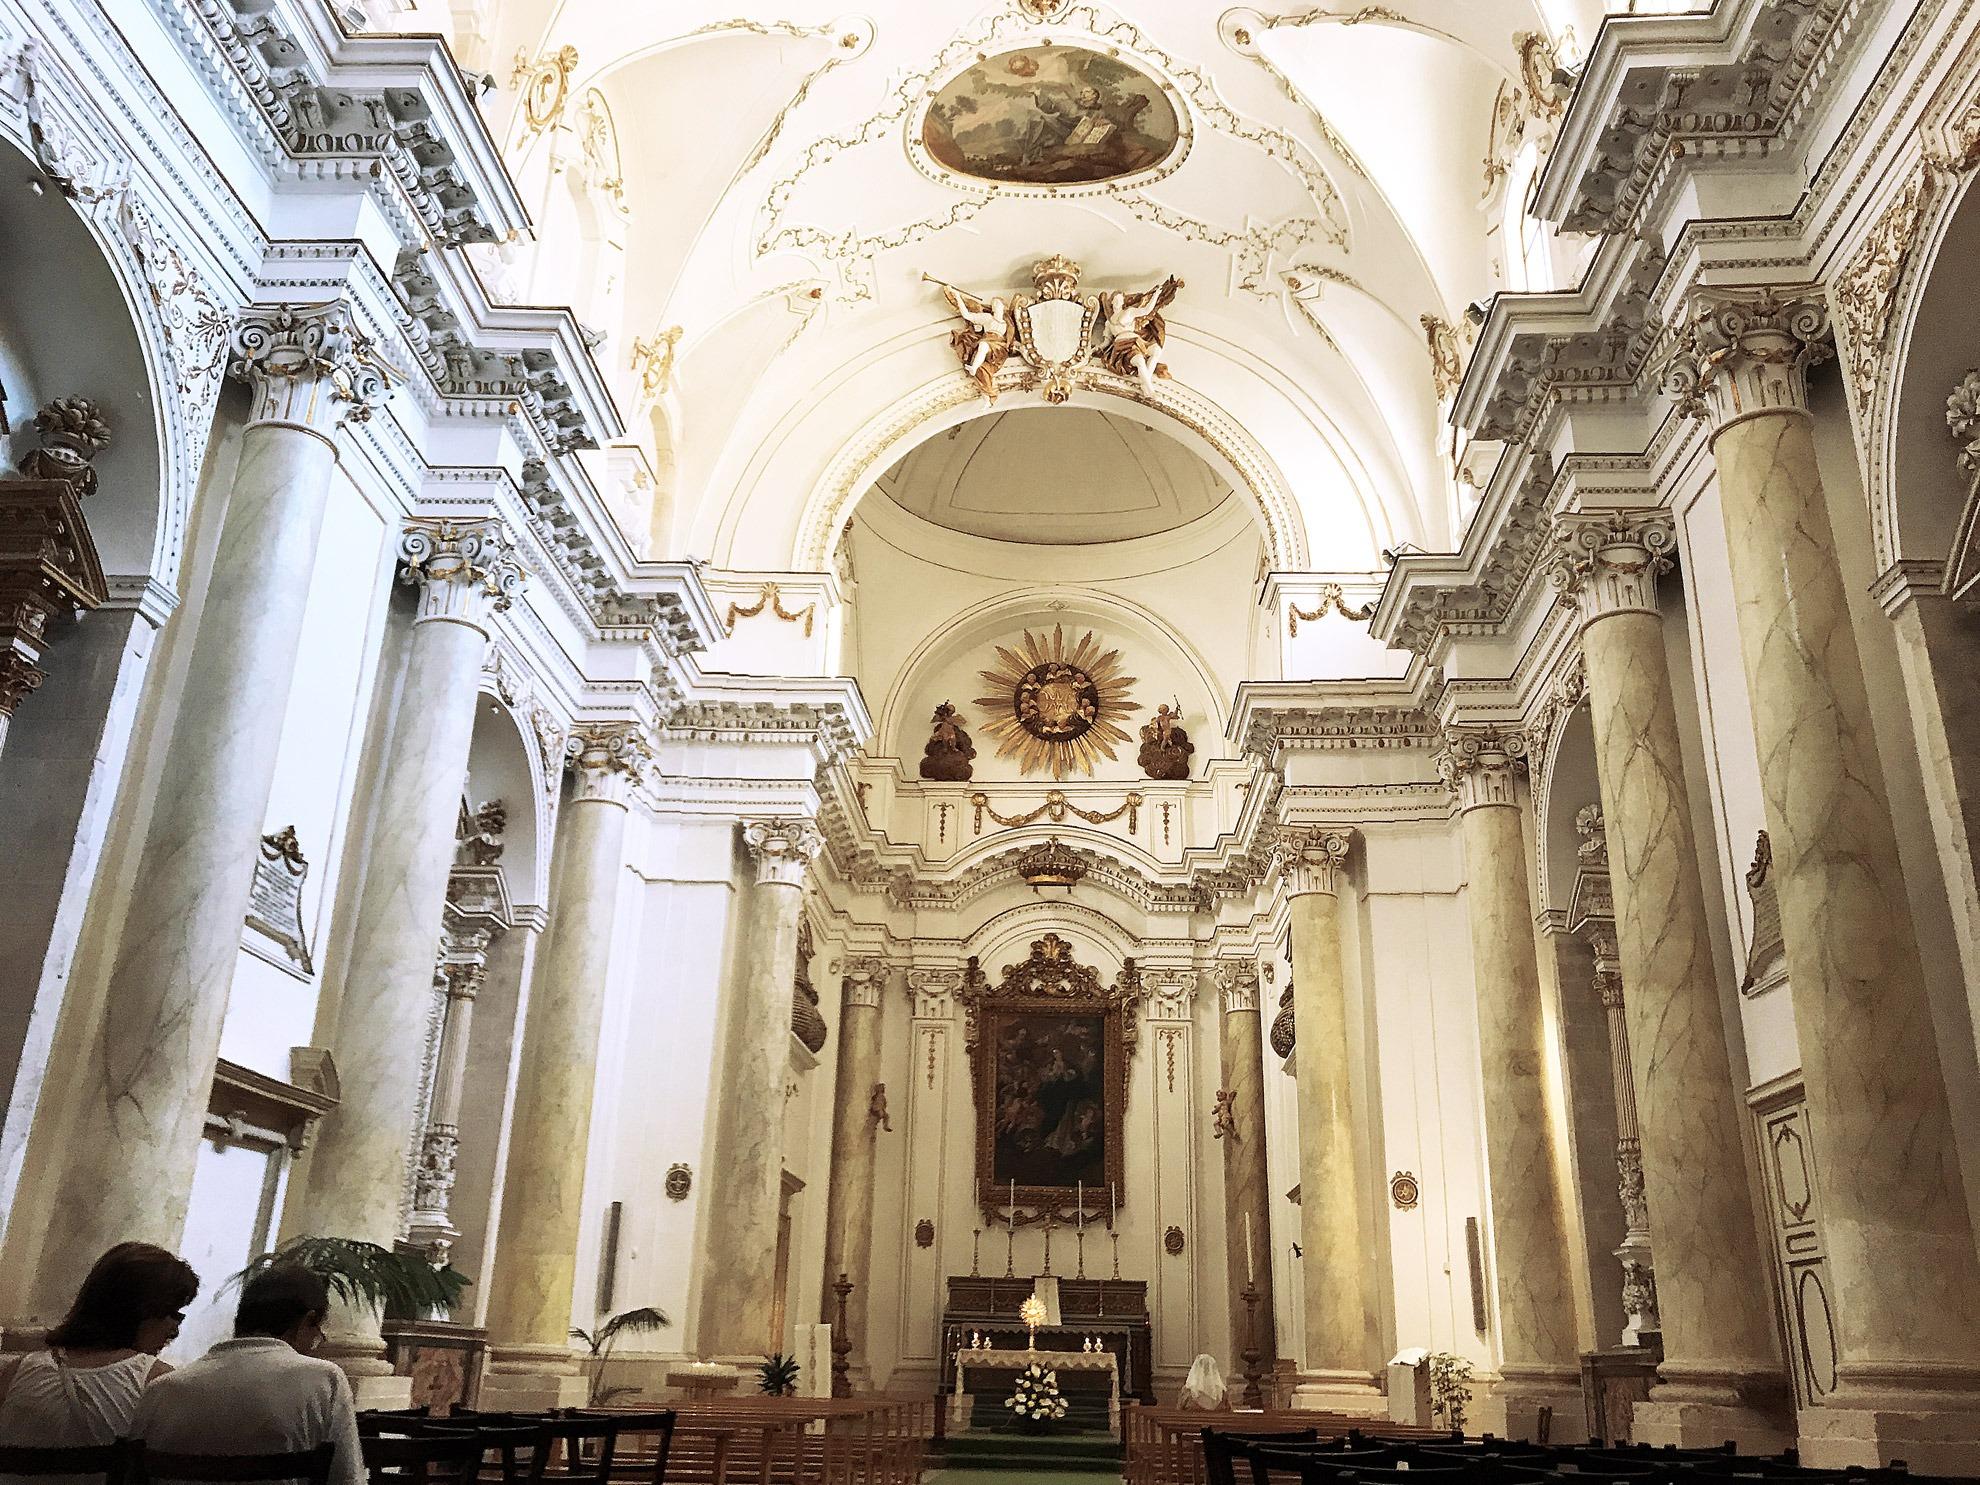 Il maestoso Duomo di Ortigia (Siracusa)